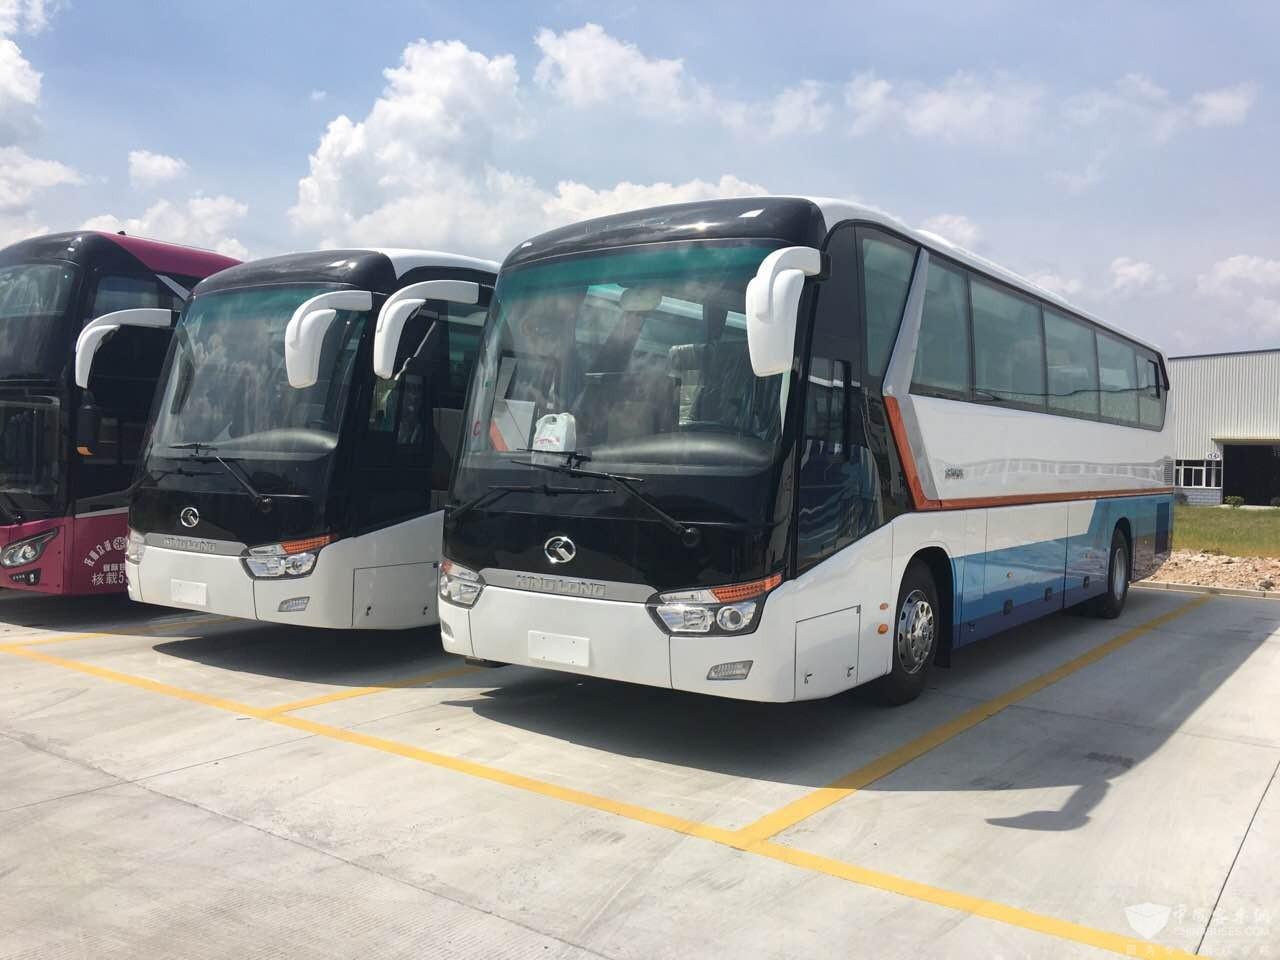 北京海淀班车租赁|海淀区大巴车租赁公司-中宇租车